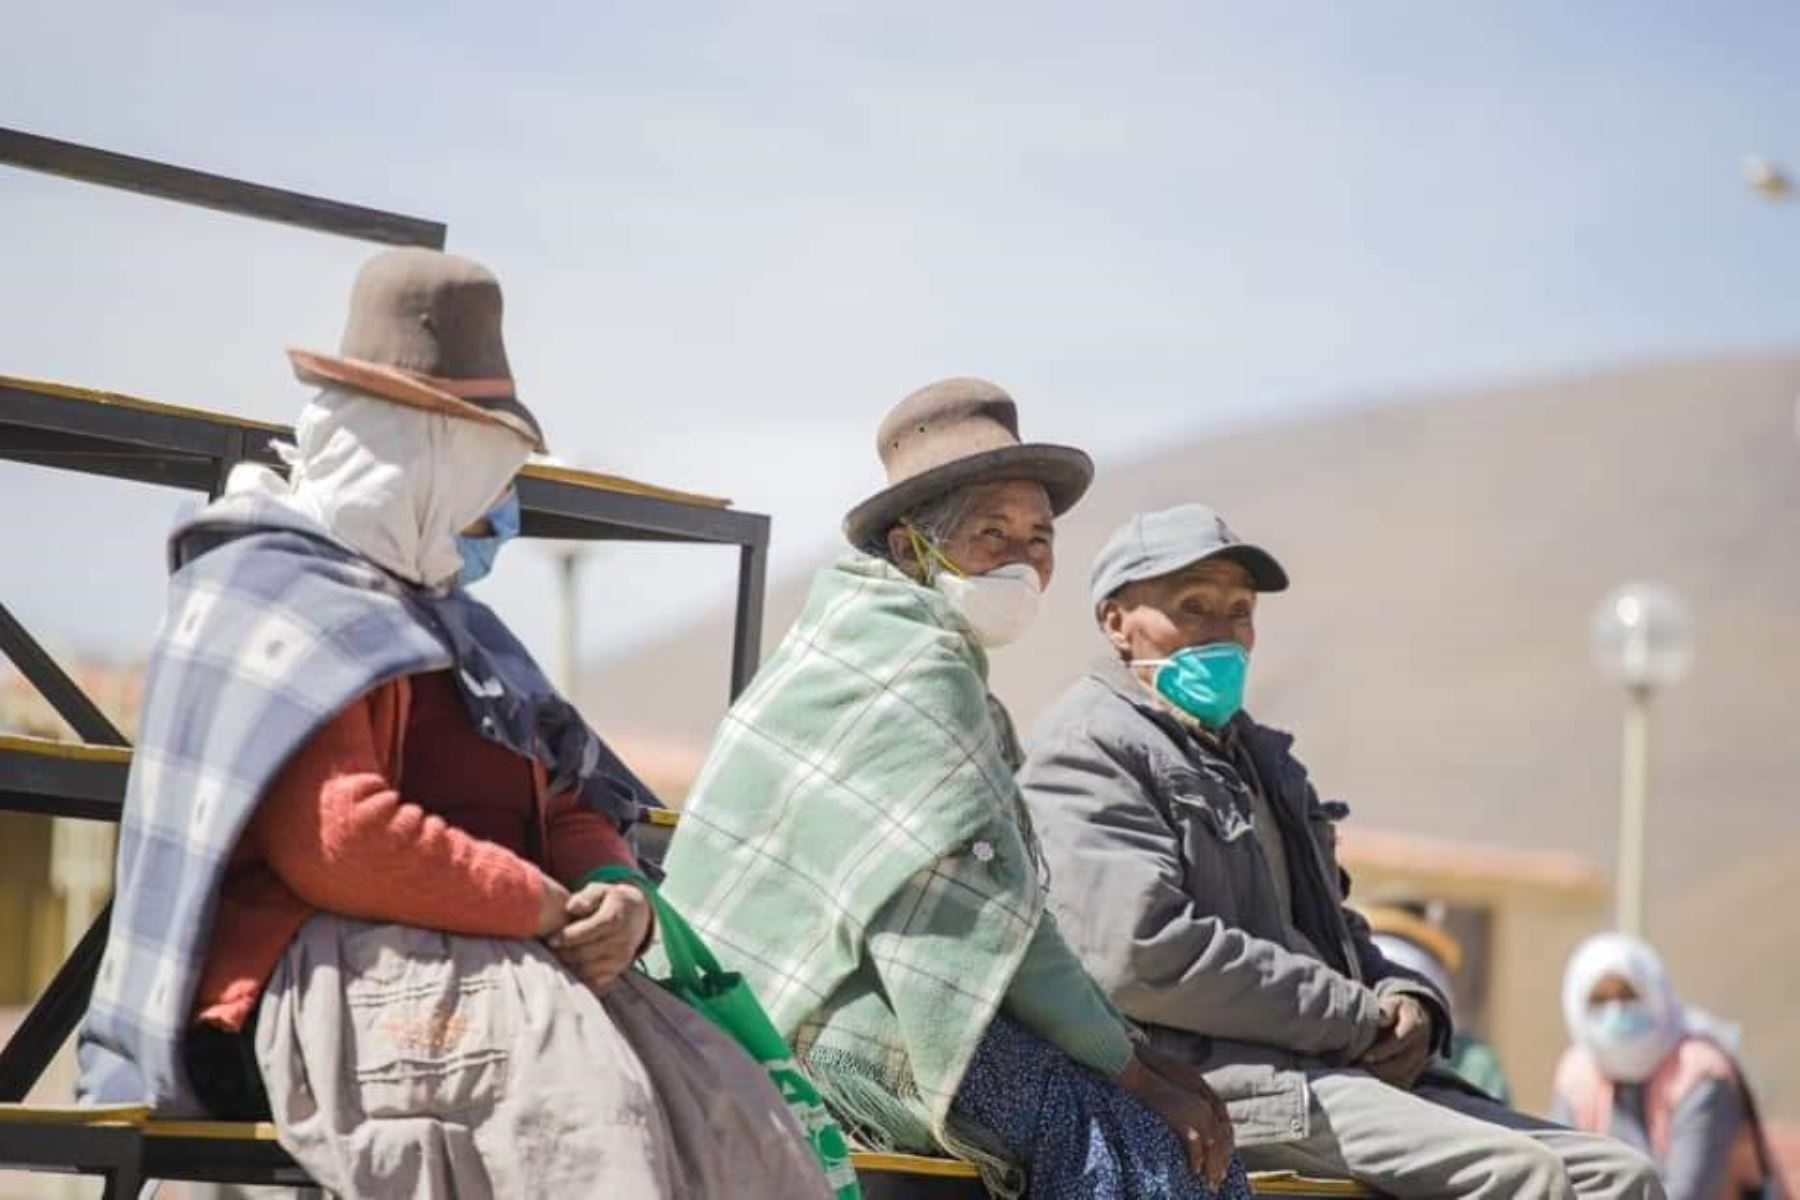 Estrategia Barrio Libre de Coranvirus en el poblado altoandino de San Juan de Taucani, región Arequipa. ANDINA/Difusión